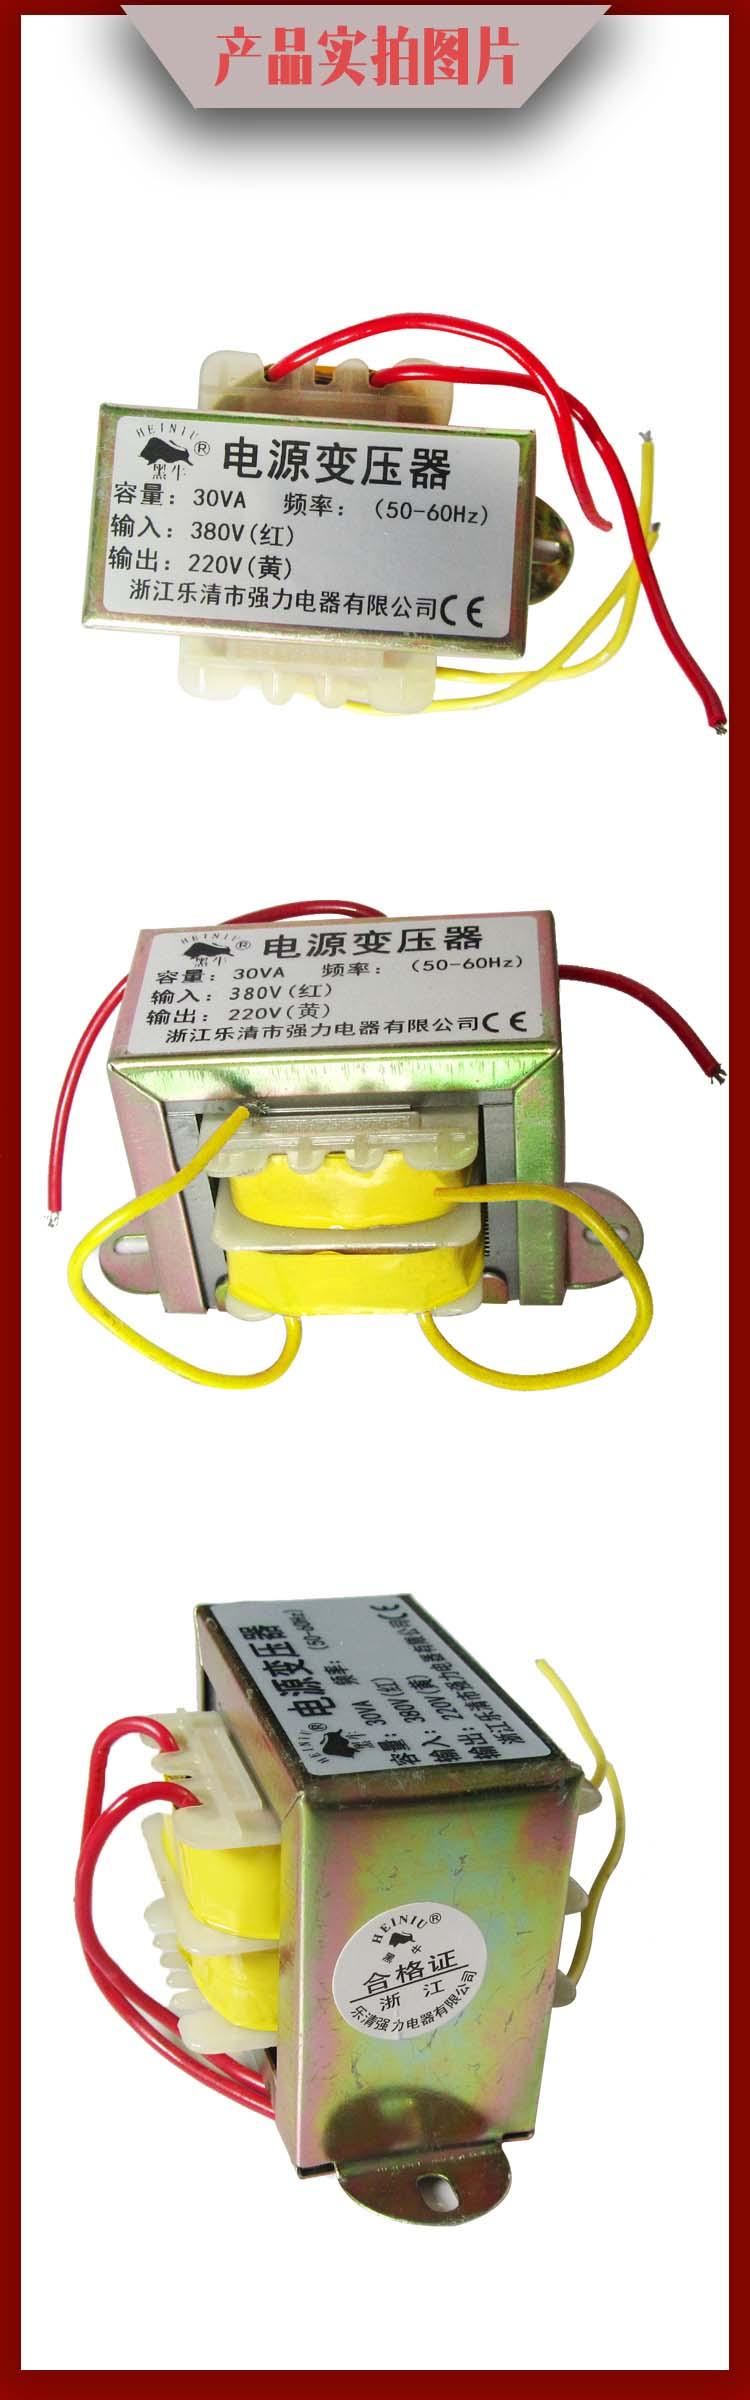 小型电源变压器-10